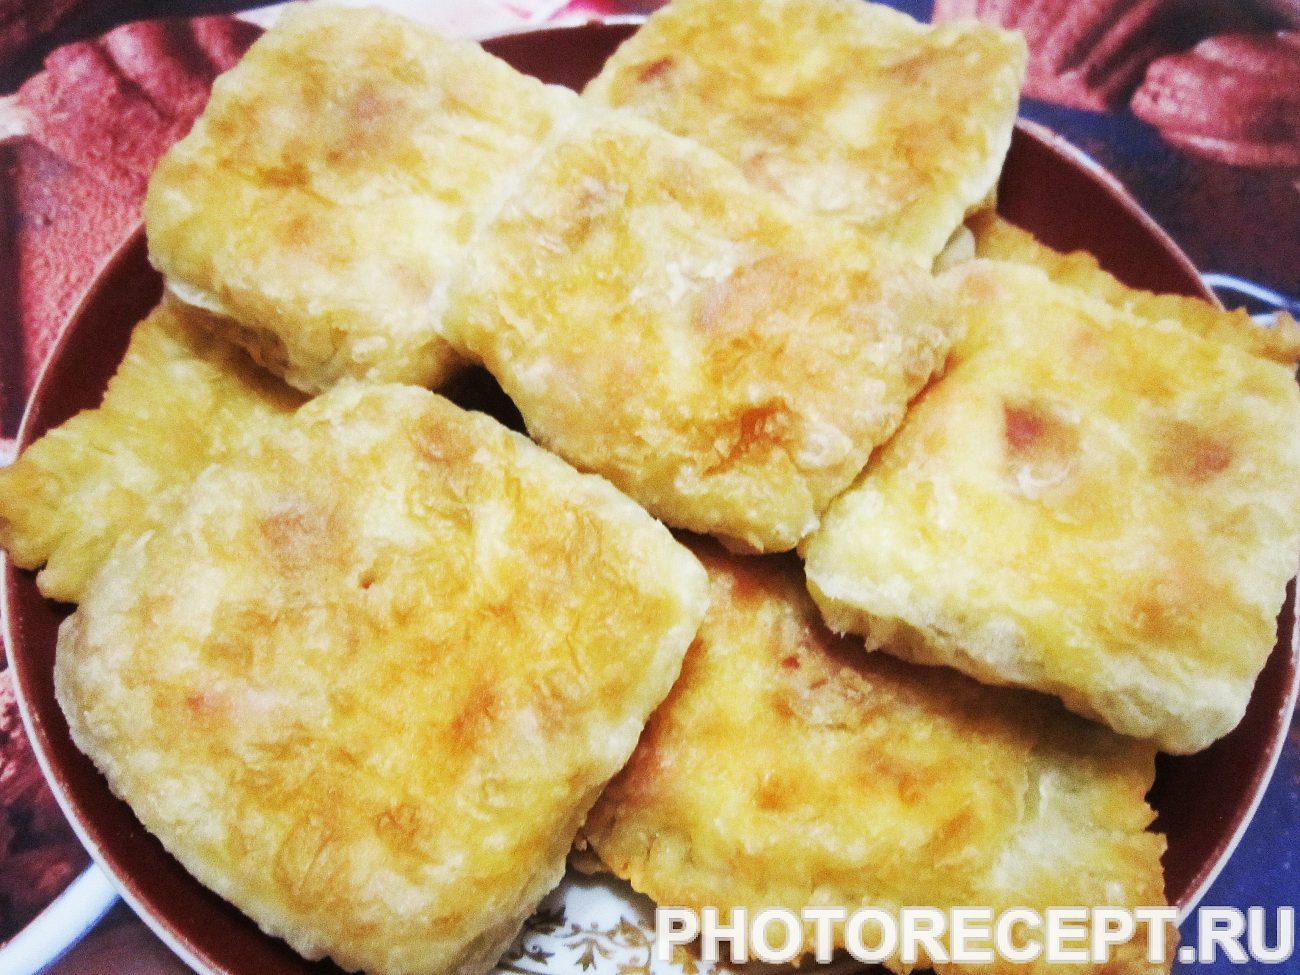 Жареные слойки с колбасой и сыром